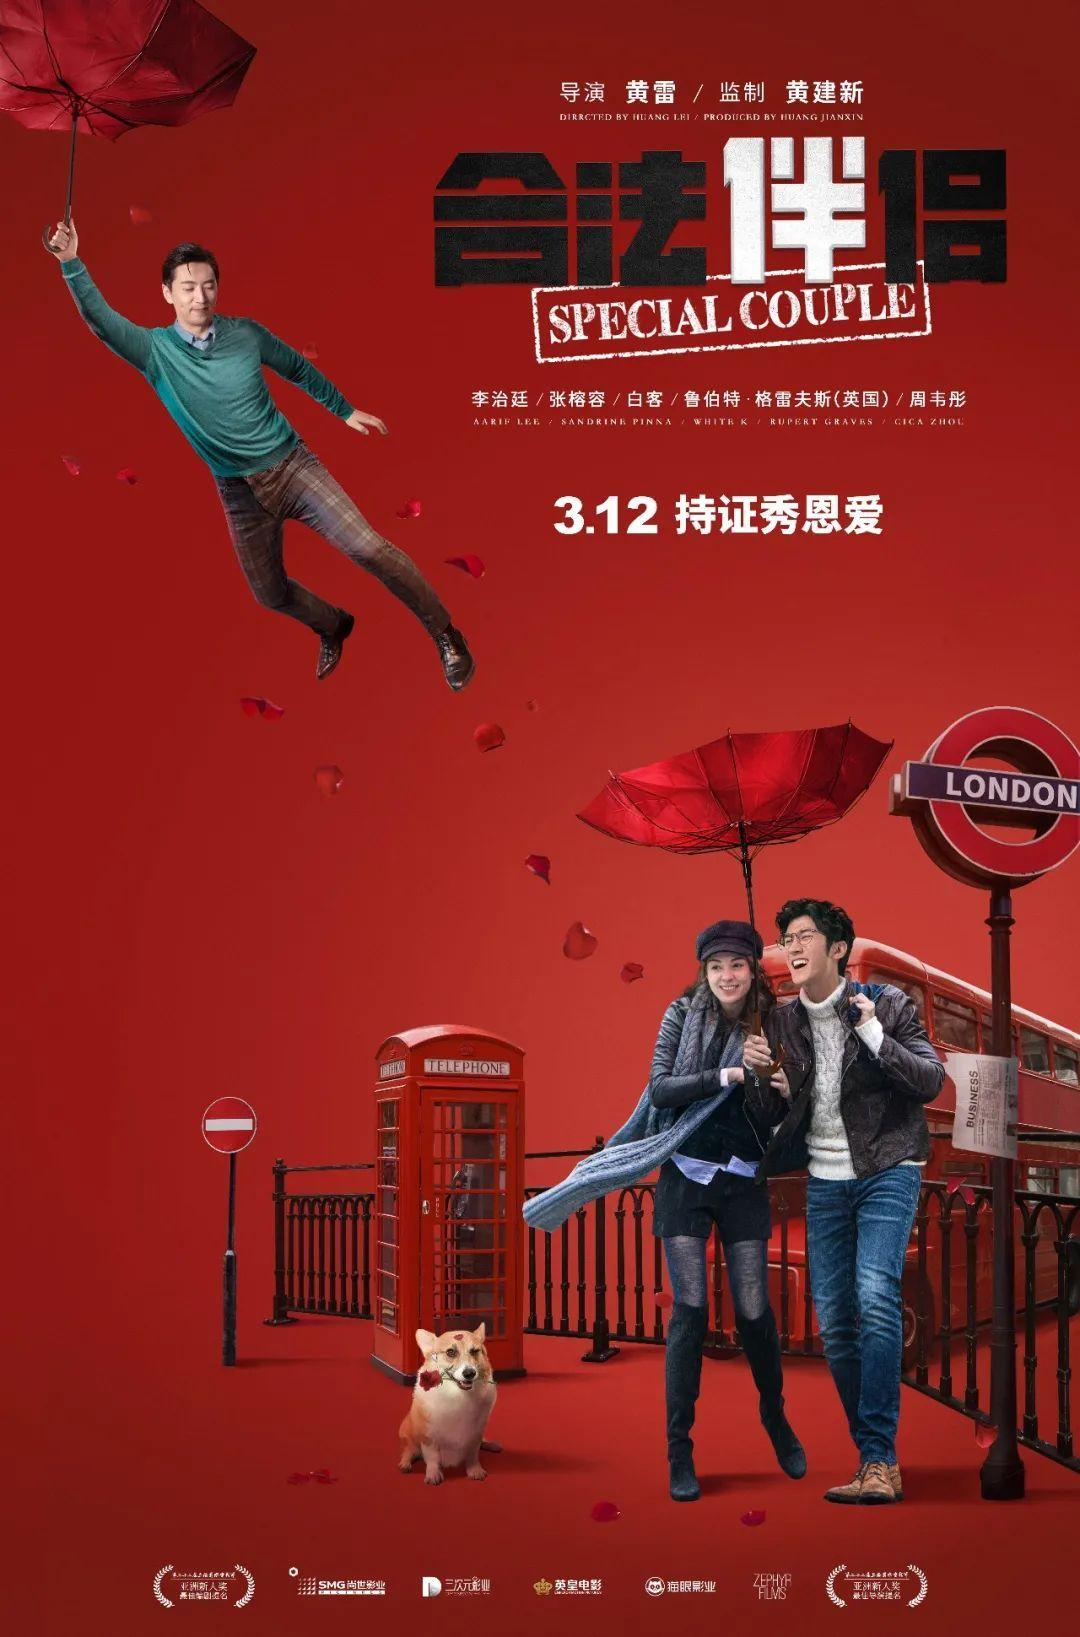 《合法伴侣》百度云(喜剧电影)网盘完结版【1080P高清中字】完整下载